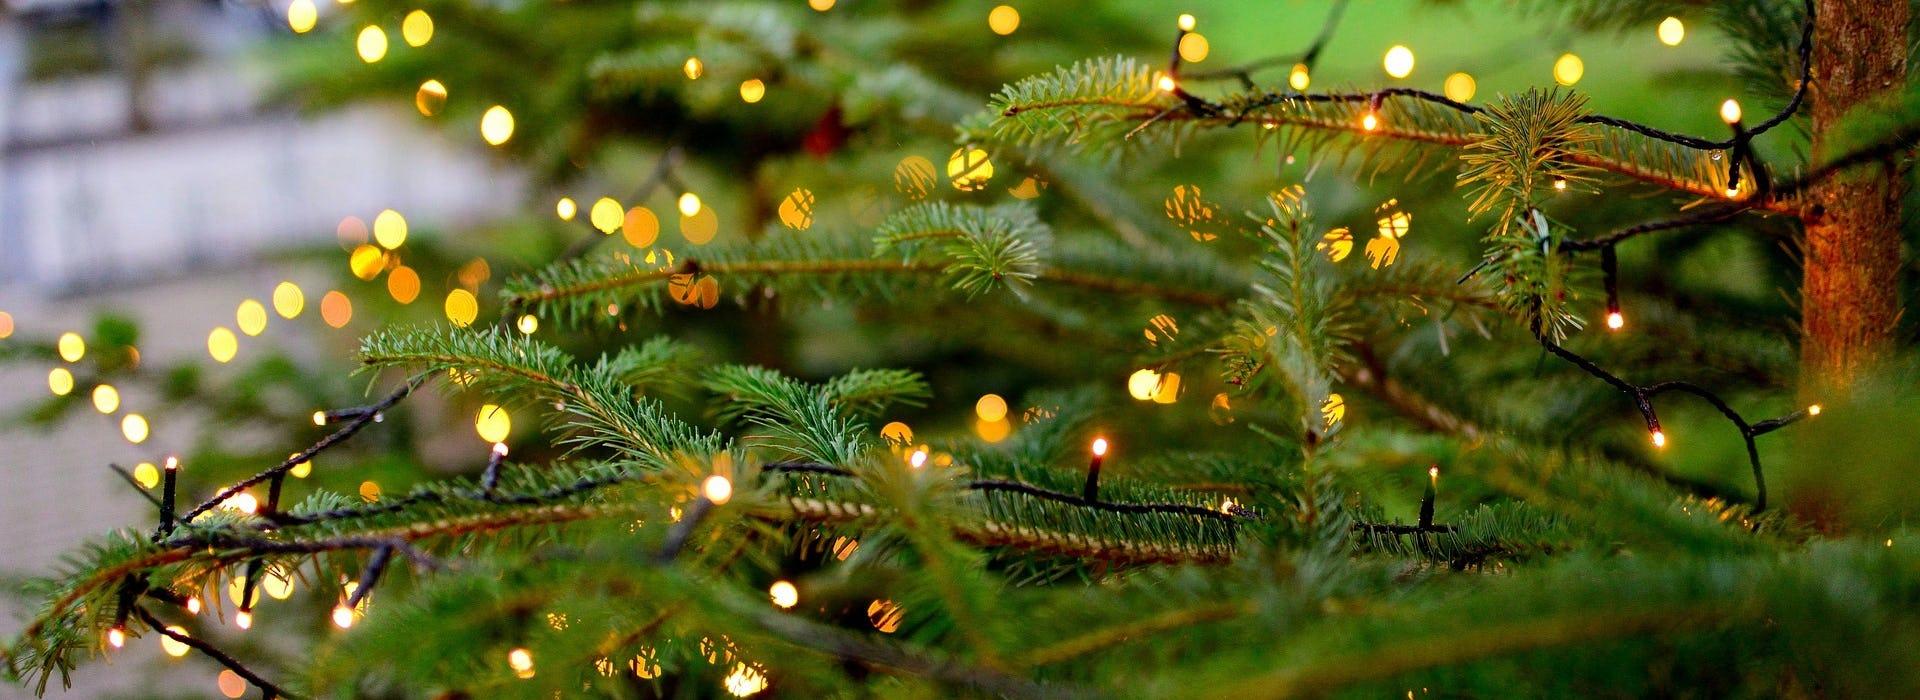 Ravensburg Tanne Ramsauer Carreisen Weihnachtsmarkt